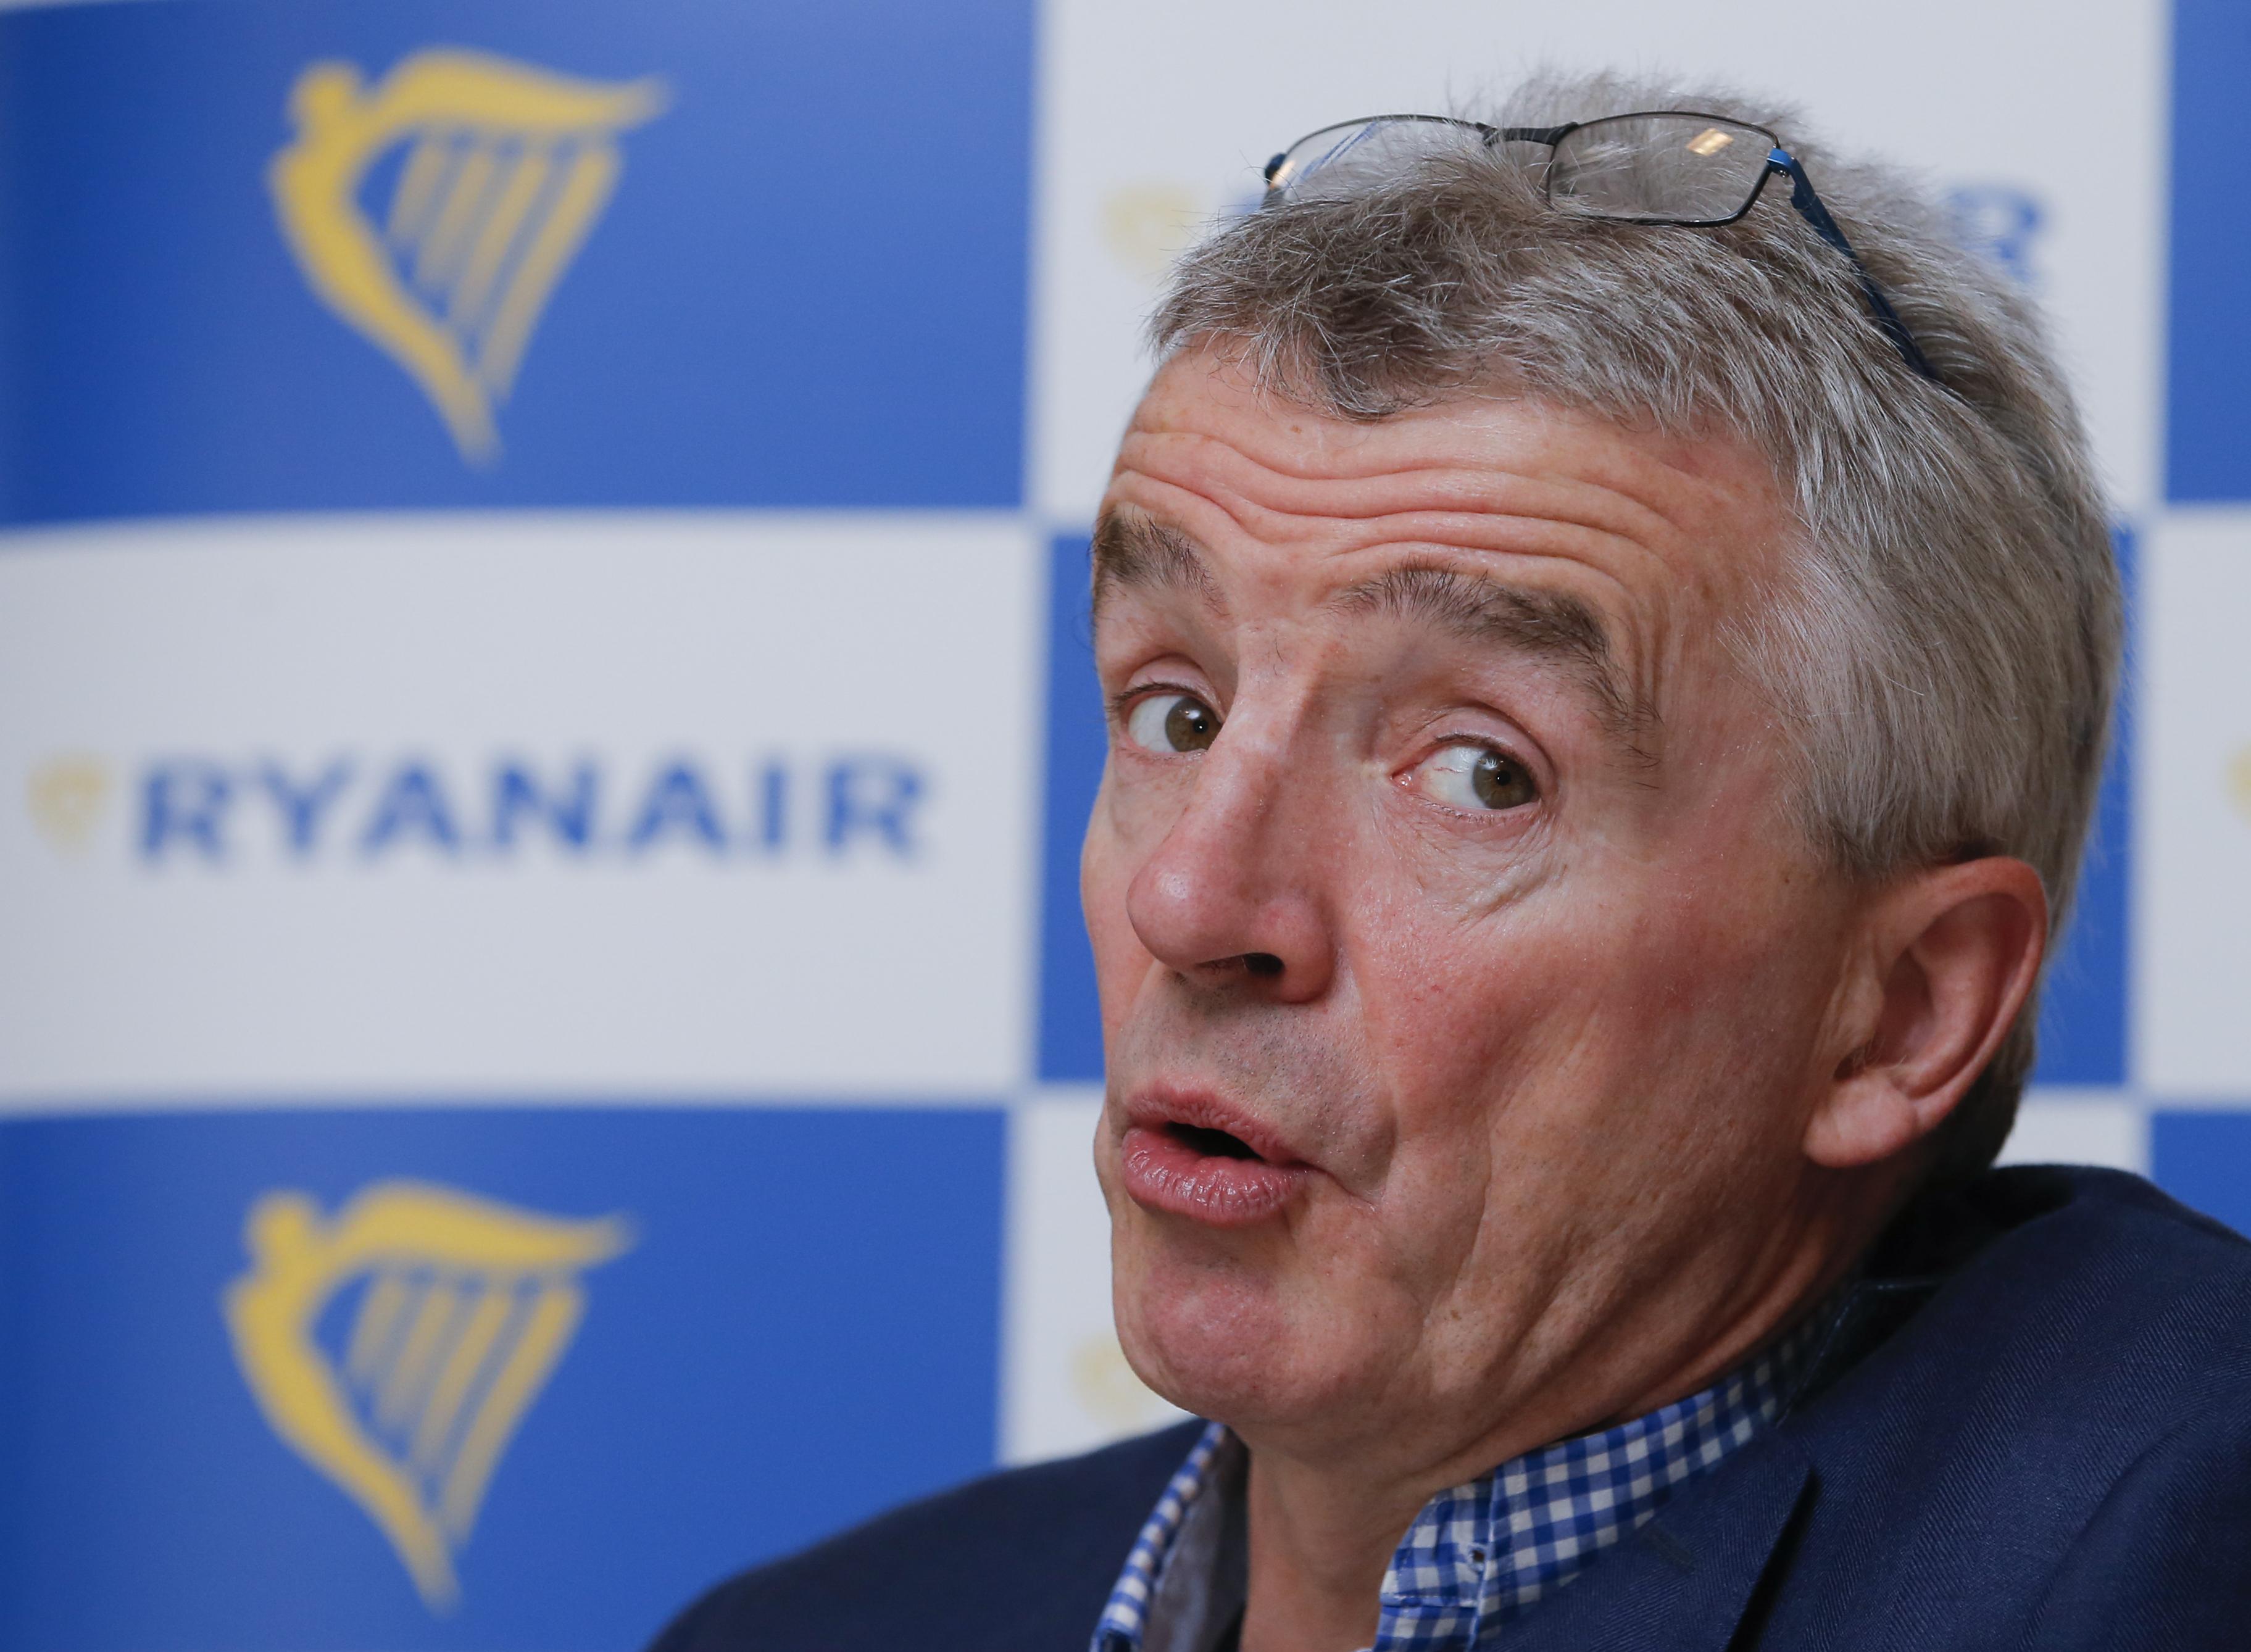 Генеральный директор авиакомпании Ryanair Майкл О'Лири. Фото: EPA/OLIVIER HOSLET